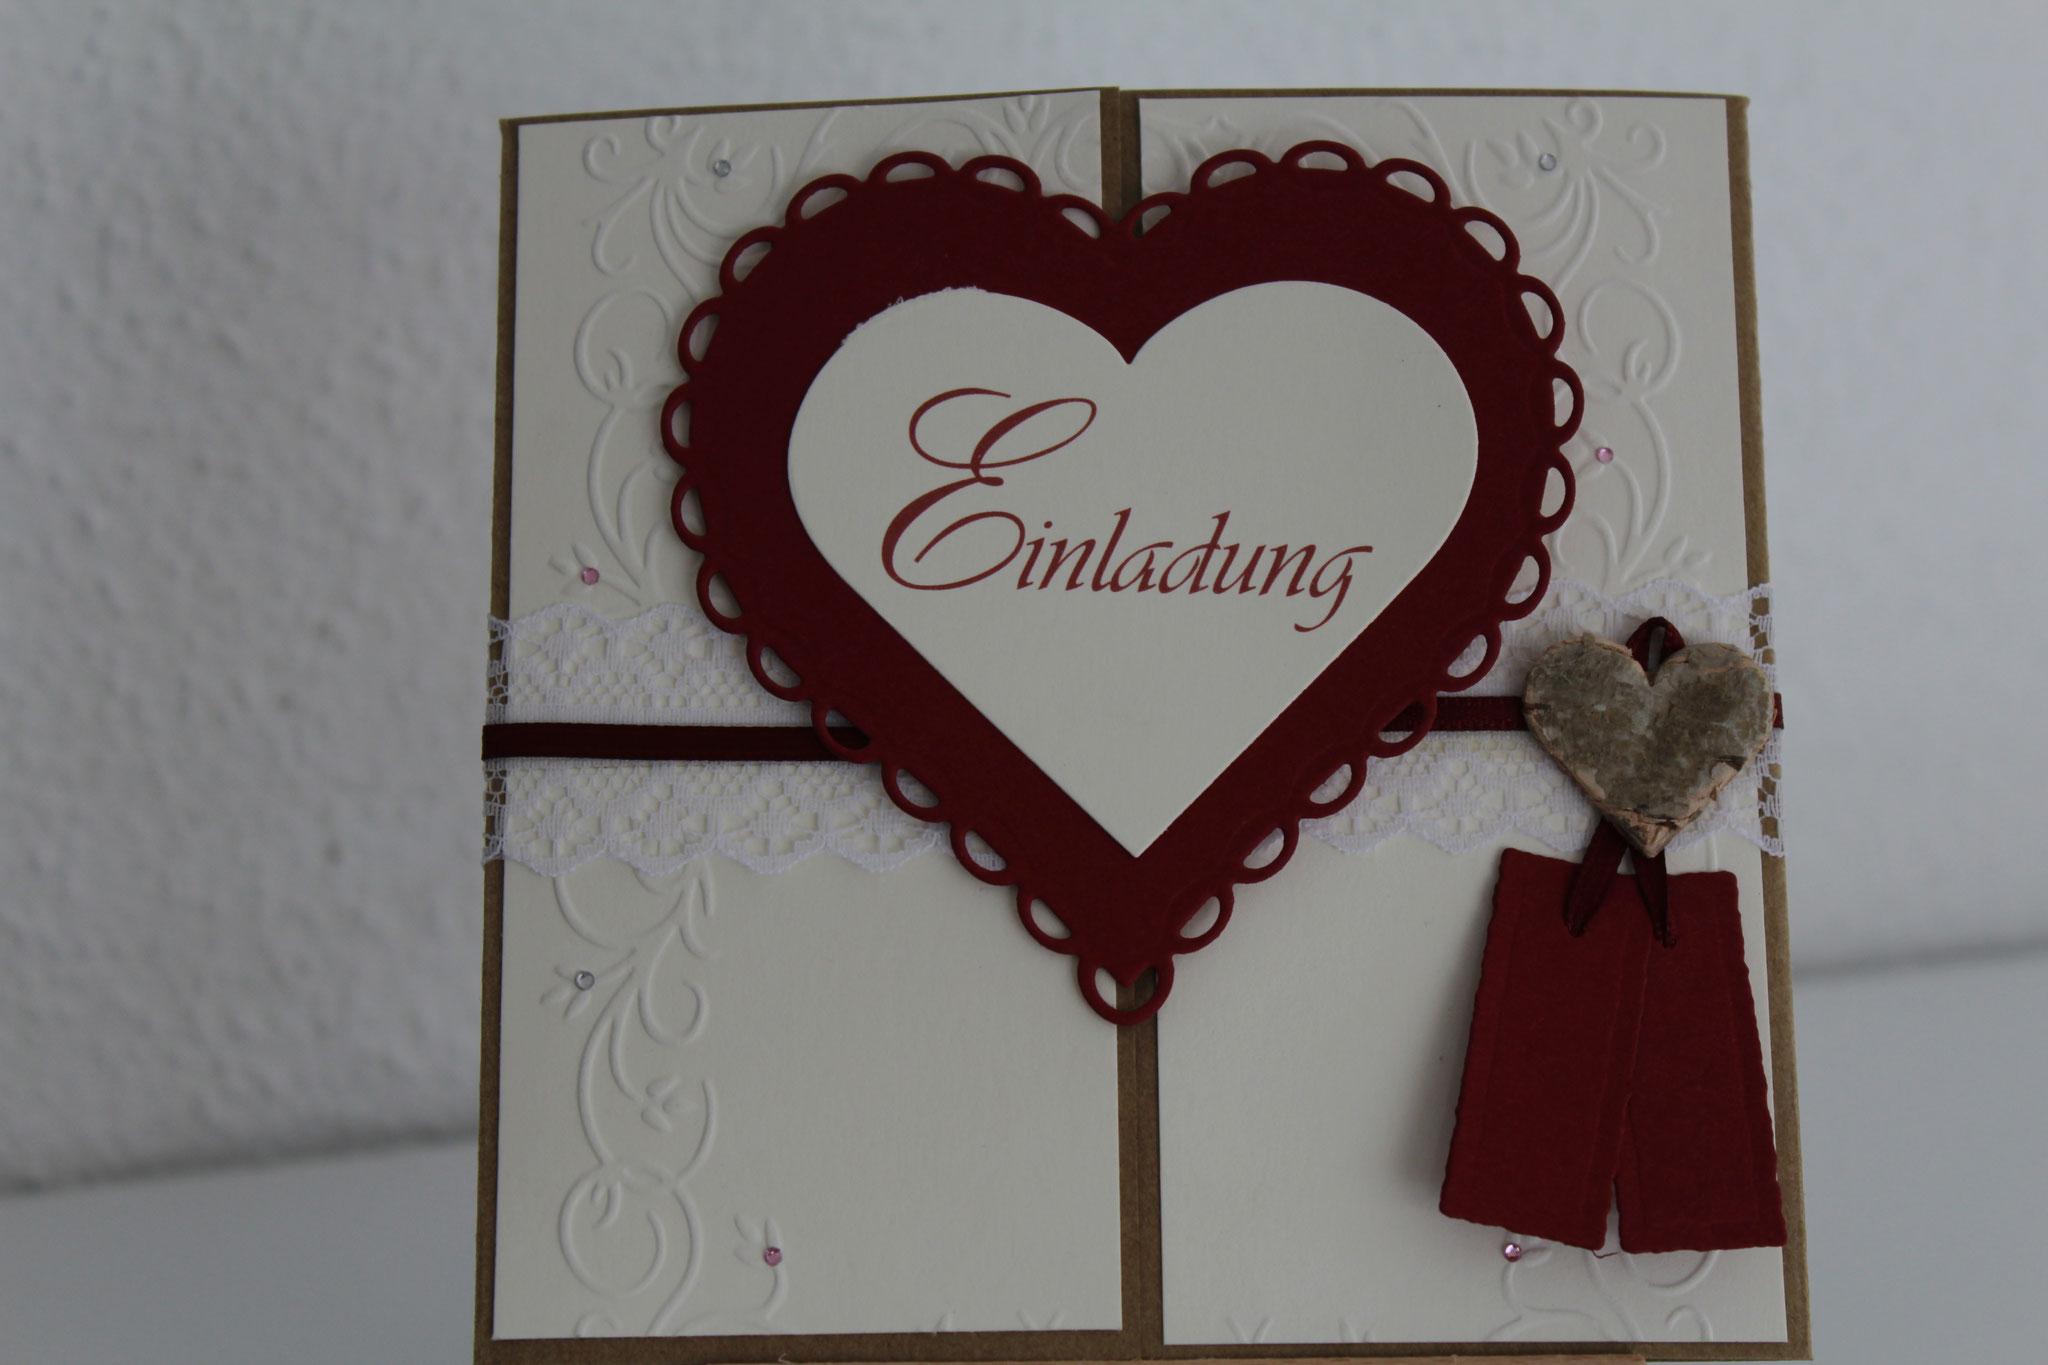 EH 96 Mittig zu öffnen. Gerne arbeiten wir auf die Herzinnenseite ein Bild von  Euch ein. Anhänger mit den Namen des Brautpaares.